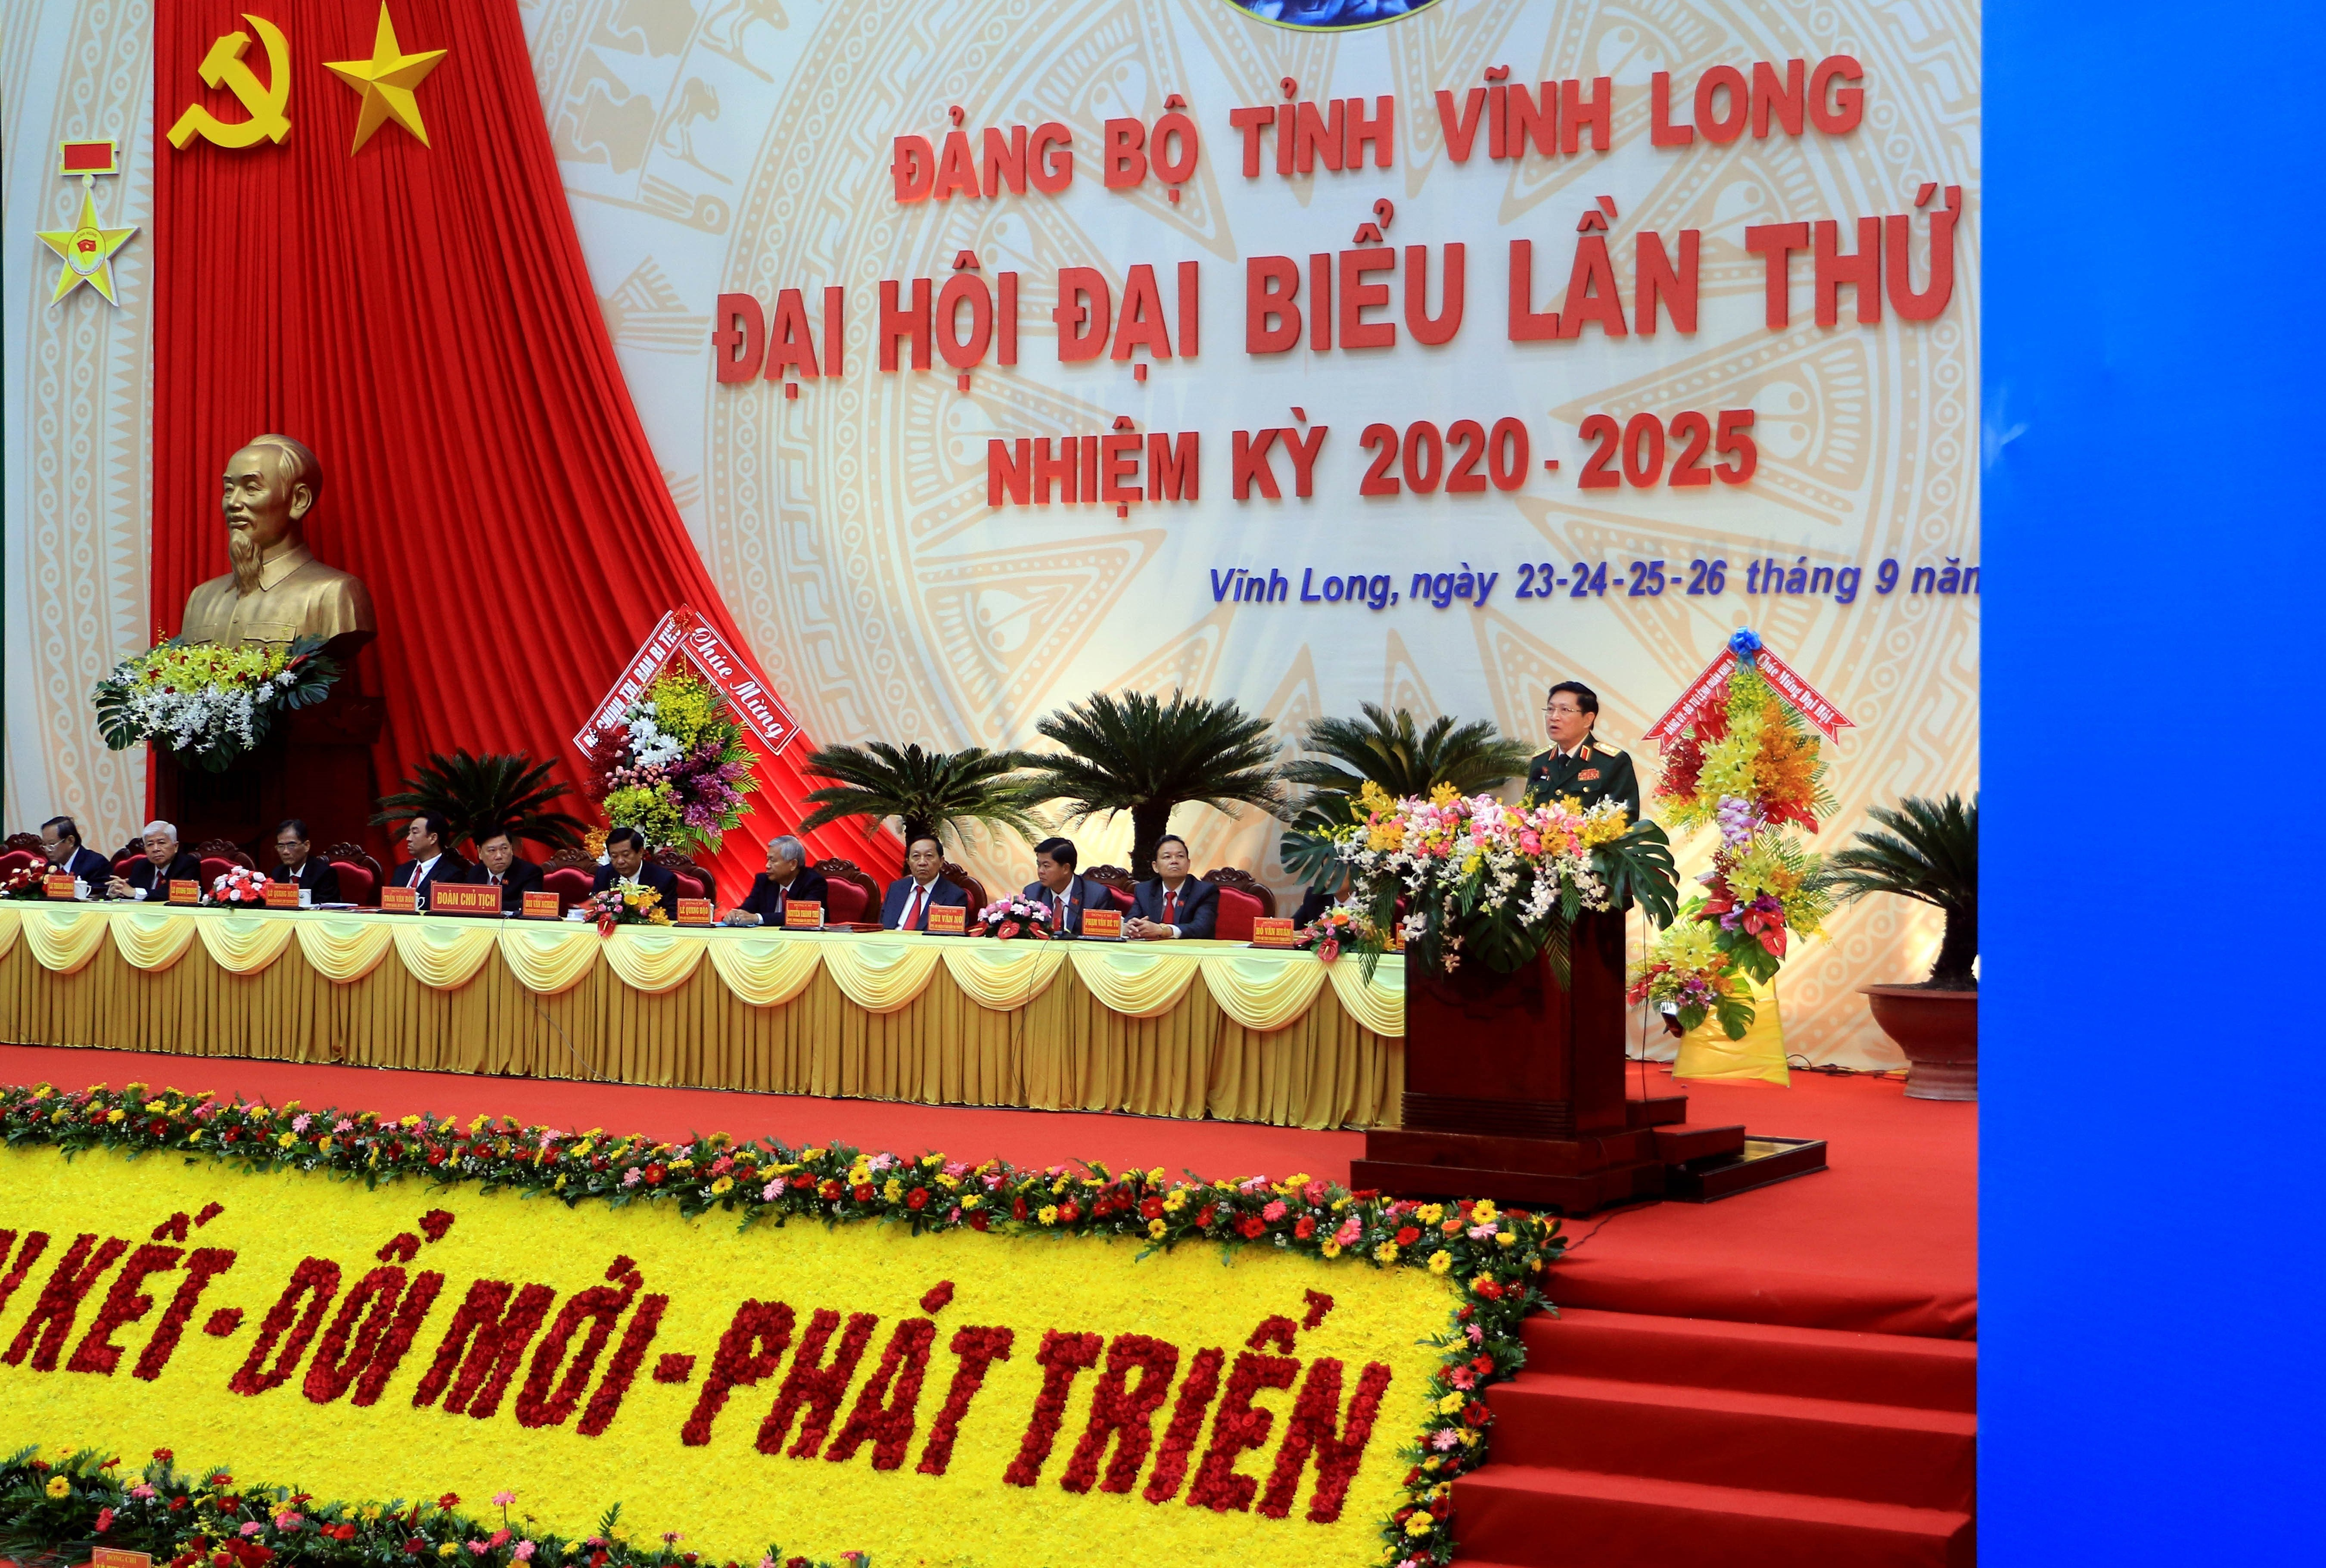 [Photo] Khai mac Dai hoi Dang bo tinh Vinh Long nhiem ky 2020-2025 hinh anh 2